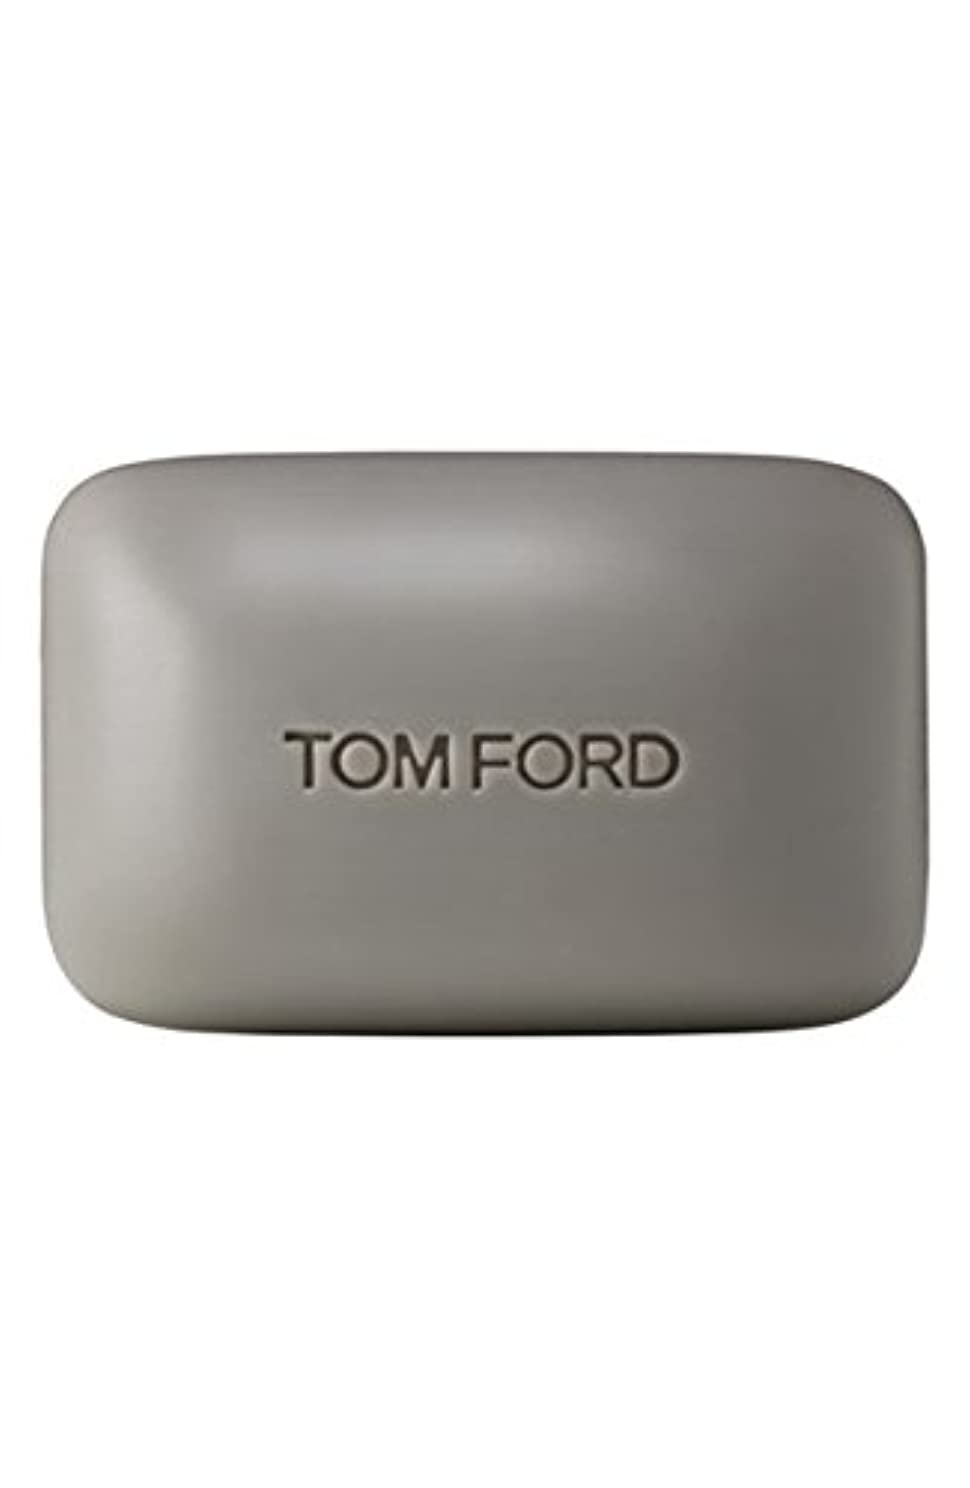 ハプニング便宜ペンダントTom Ford Private Blend 'Oud Wood' (トムフォード プライベートブレンド オードウッド) 5.5 oz (165ml) Bar Soap (固形石鹸)